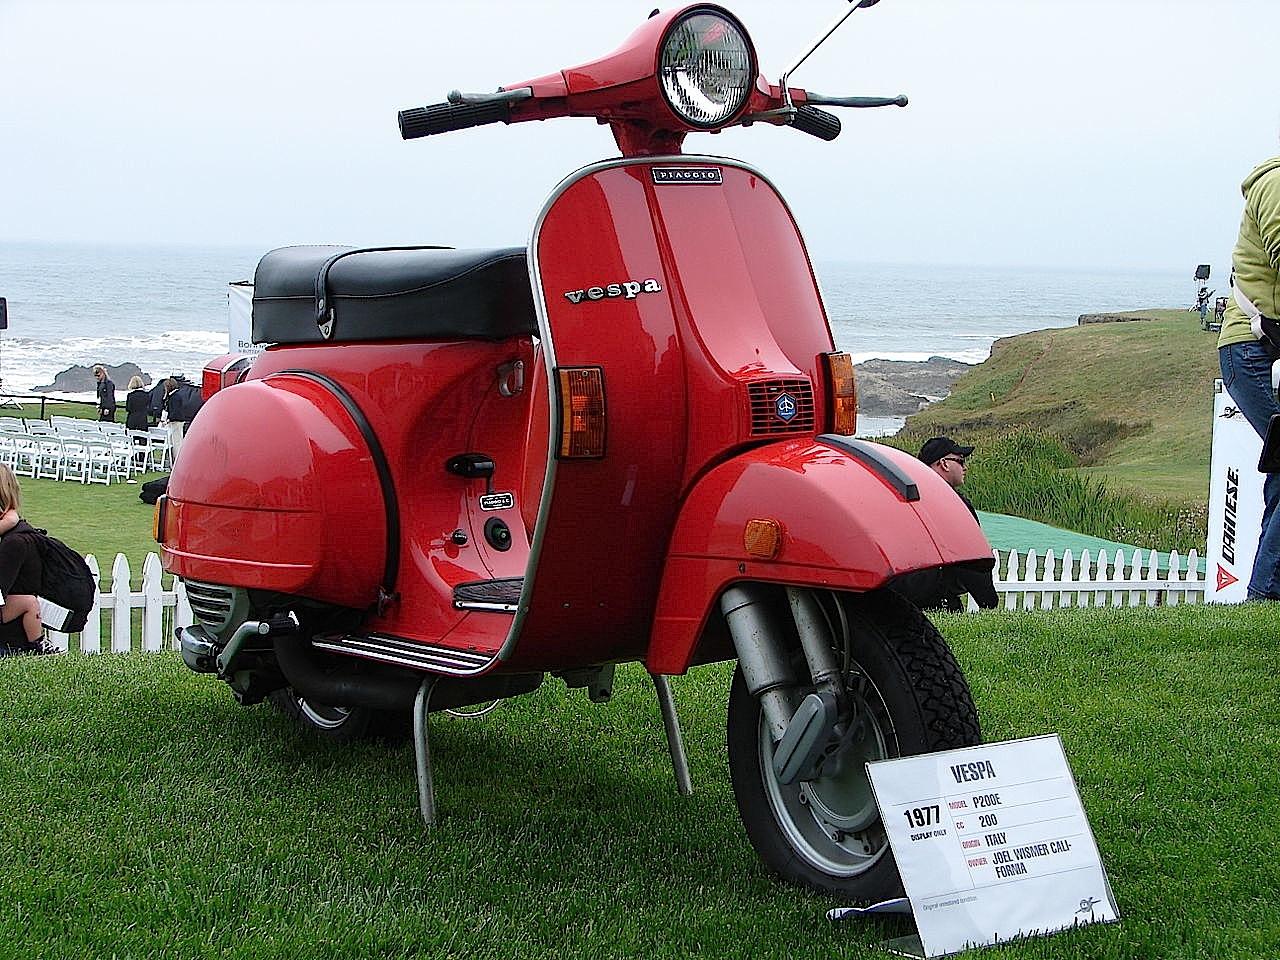 piaggio vespa px scooter moto d 39 epoca storia video e foto. Black Bedroom Furniture Sets. Home Design Ideas